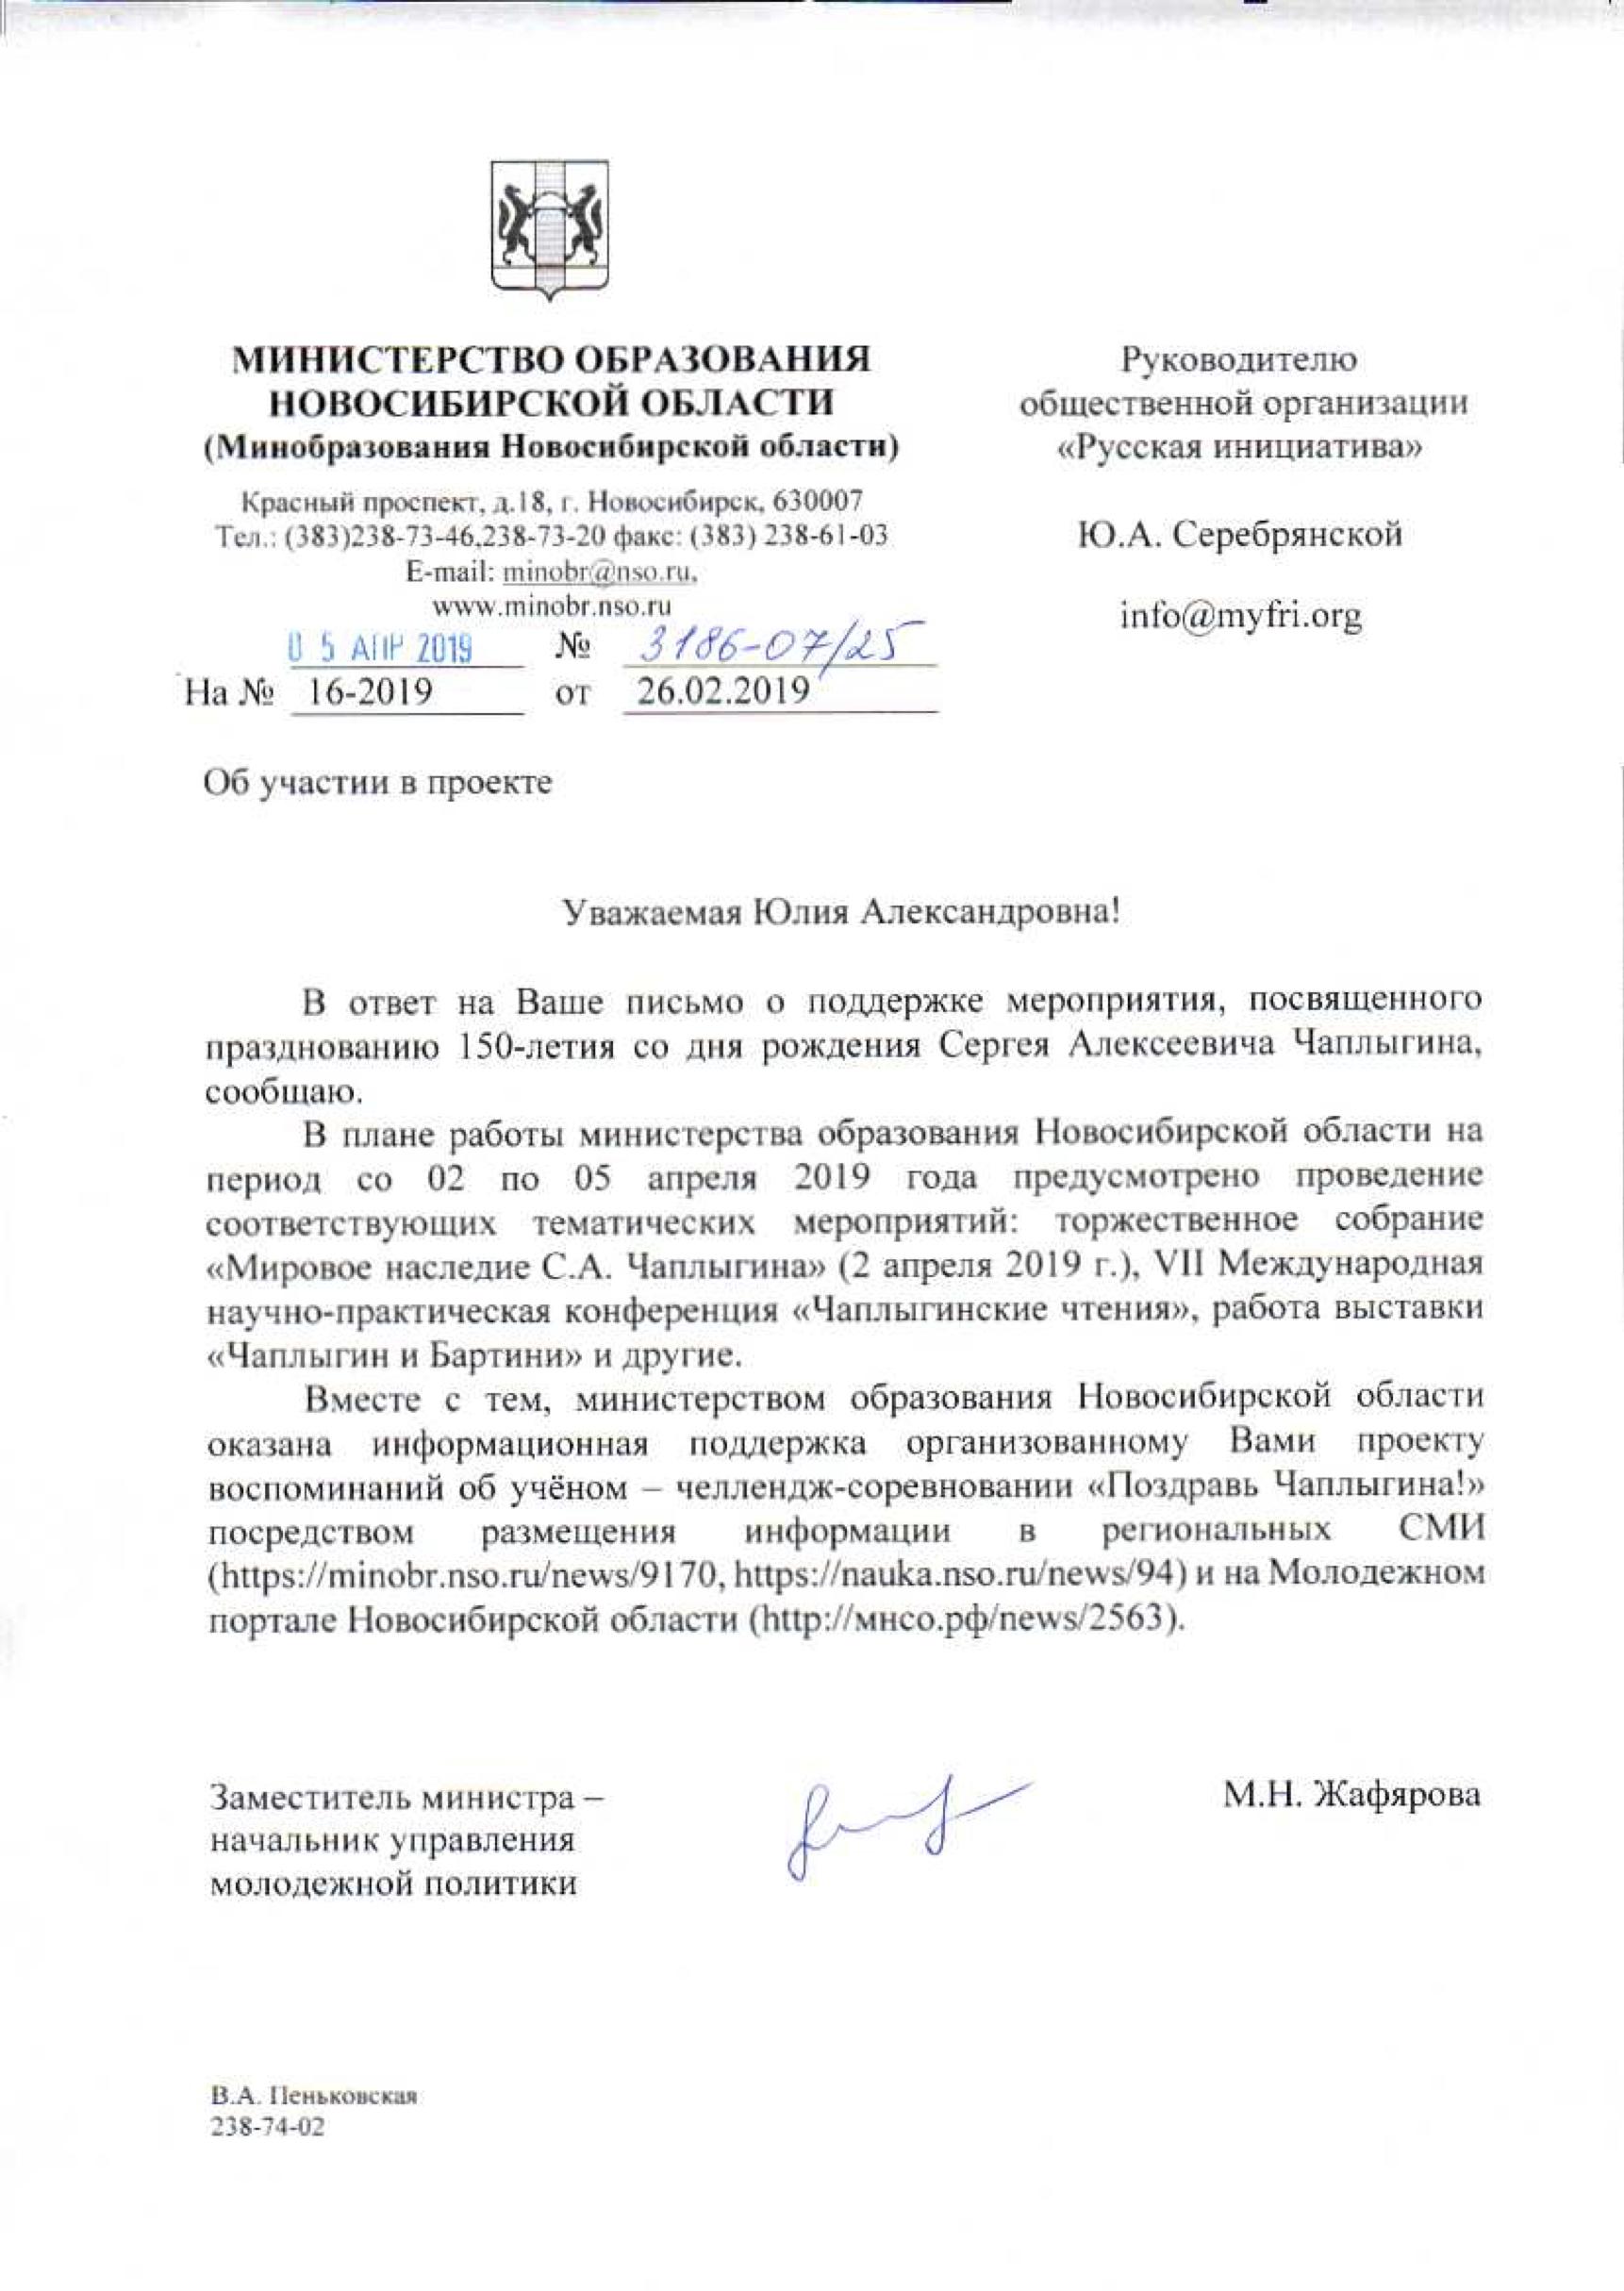 Министерство образования НСО